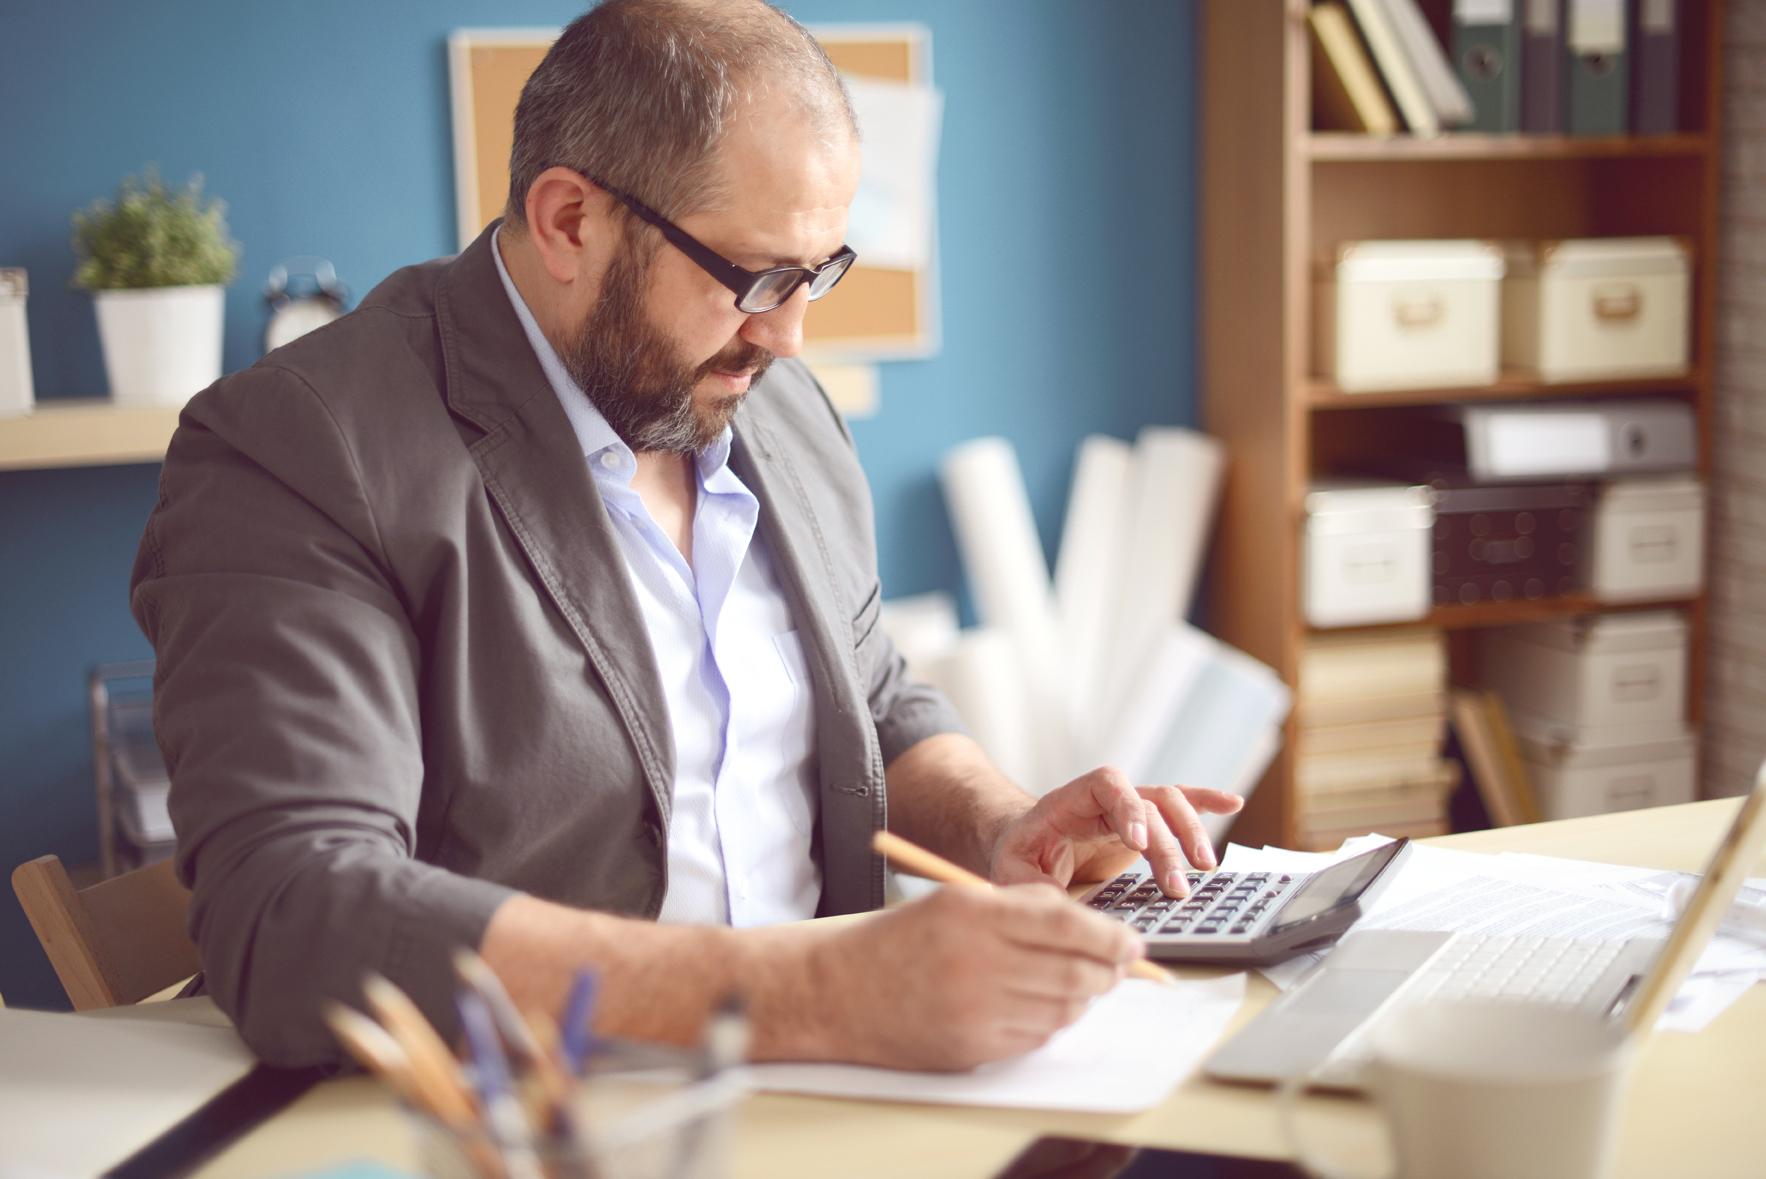 homme assis à son bureau qui fait des calculs